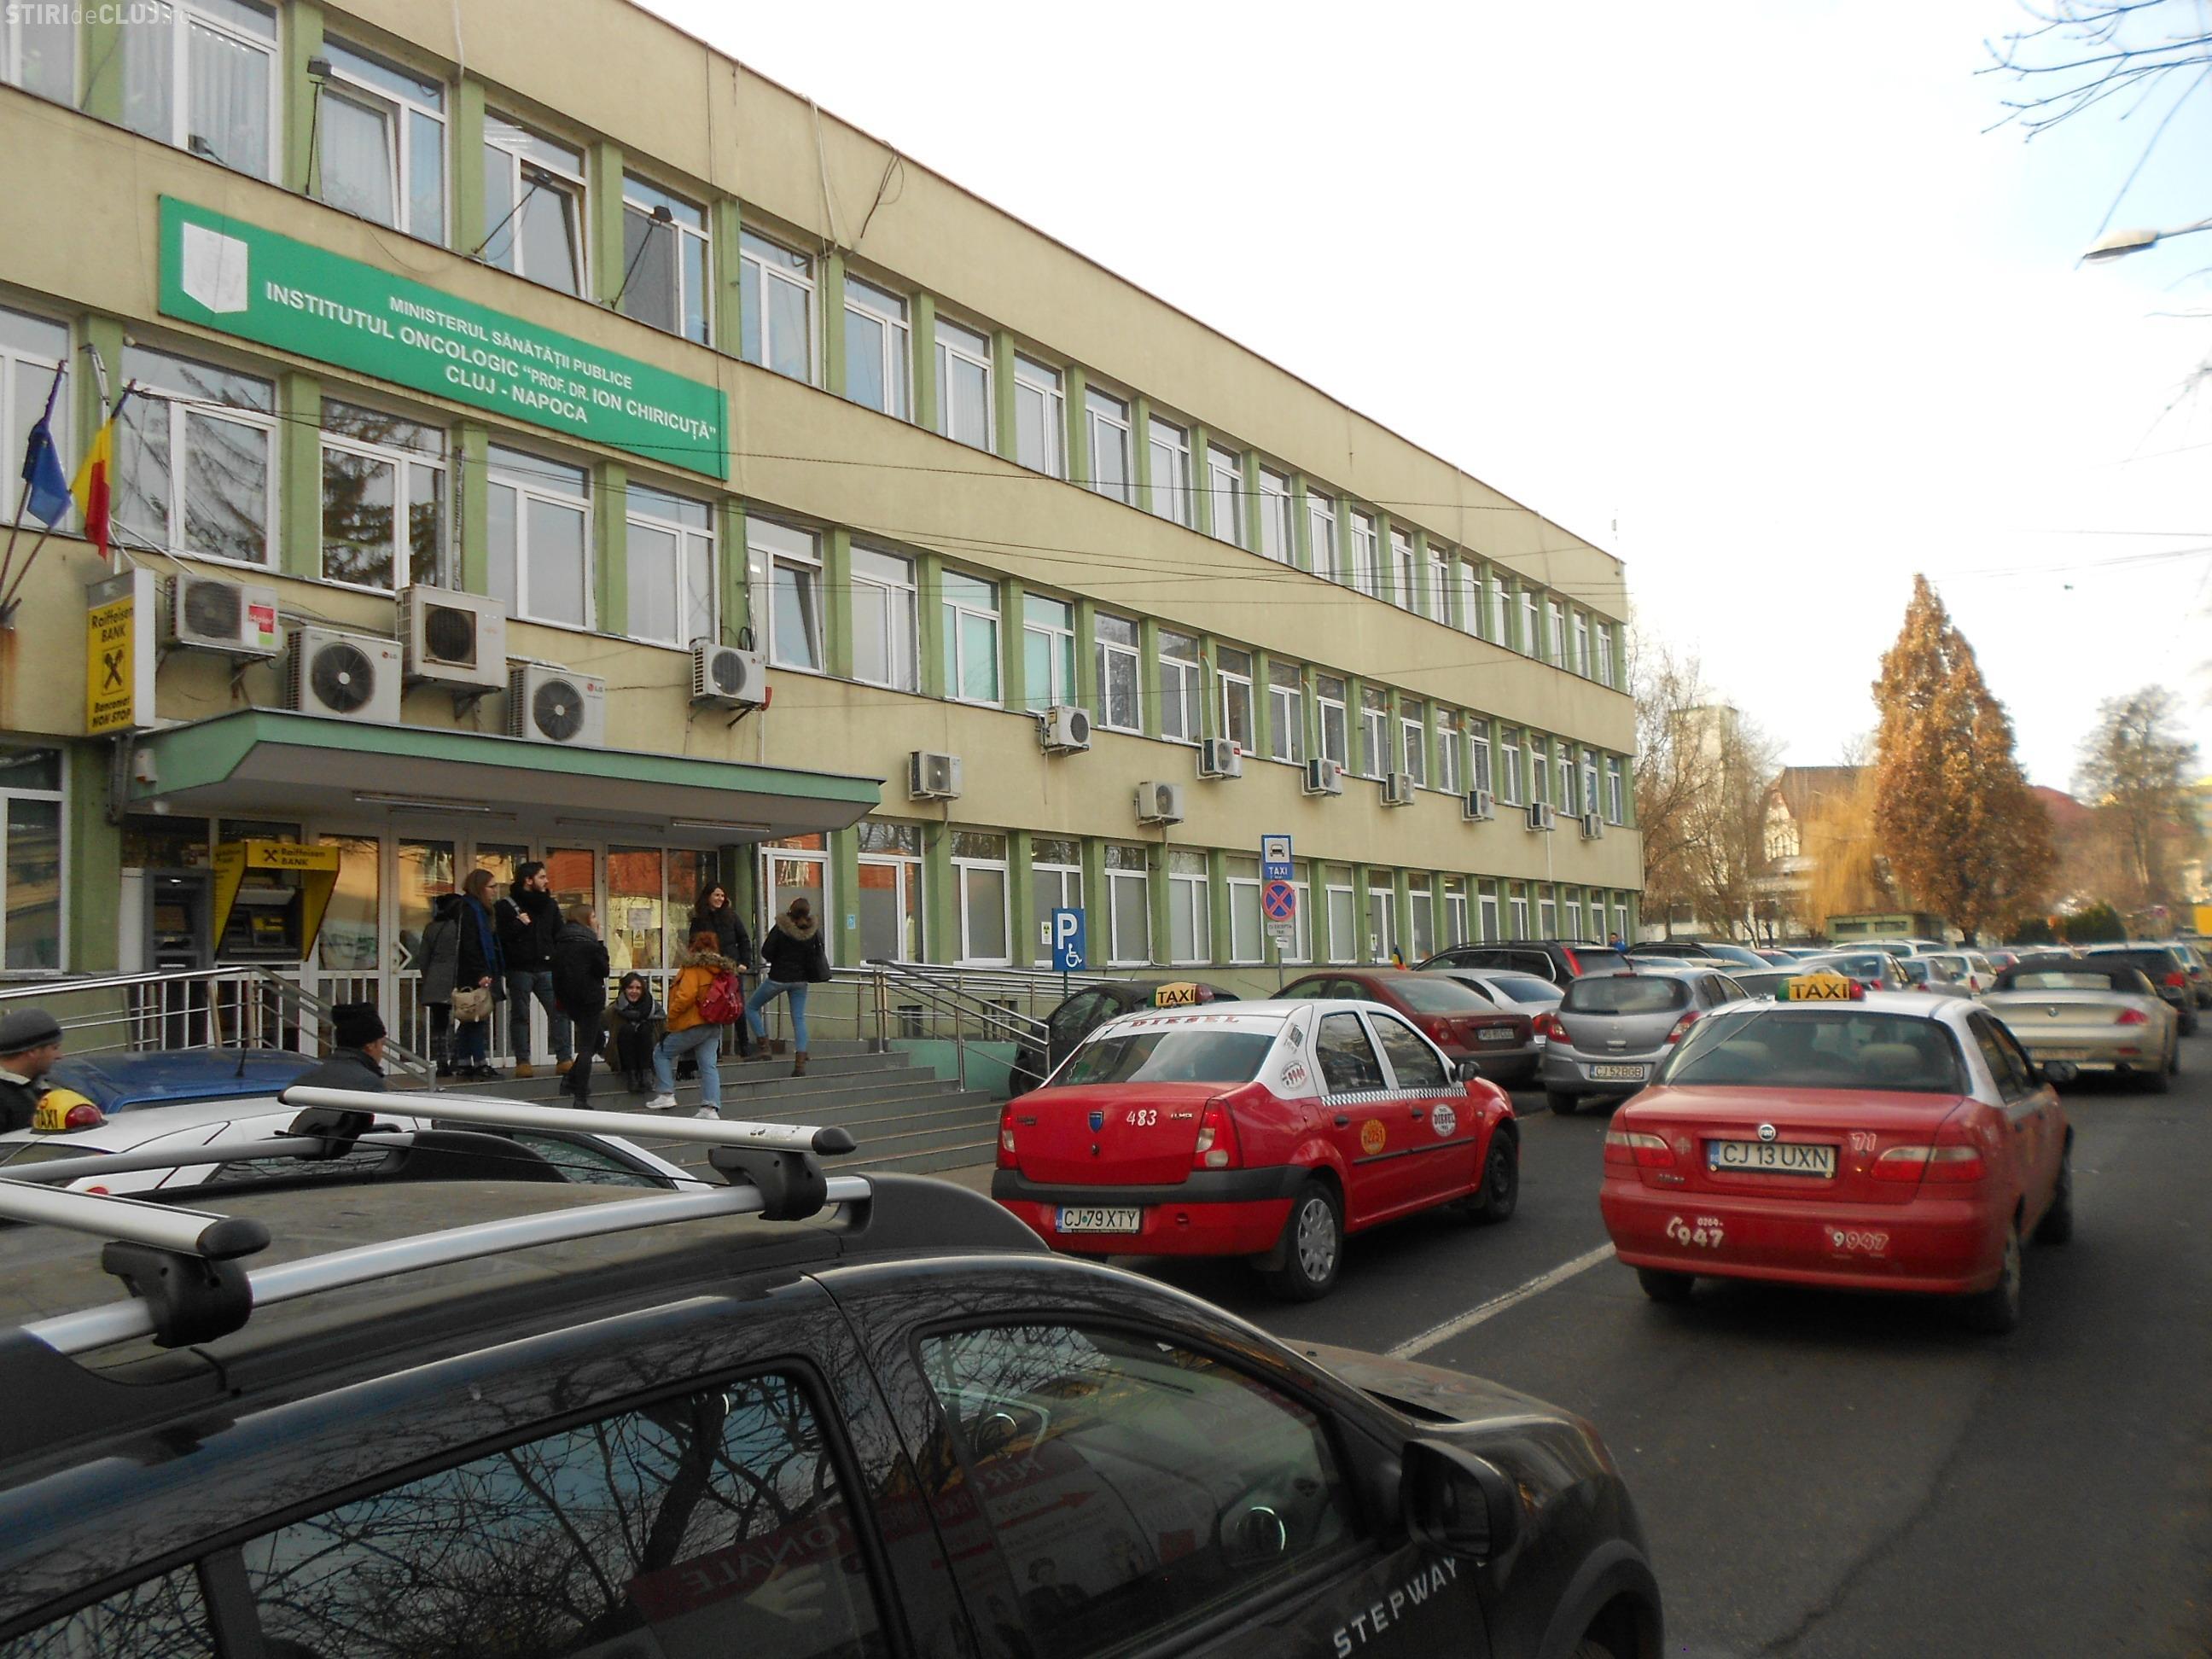 Ce spunea zilele trecute Emil Boc despre traficul rutier de la Institutul Oncologic